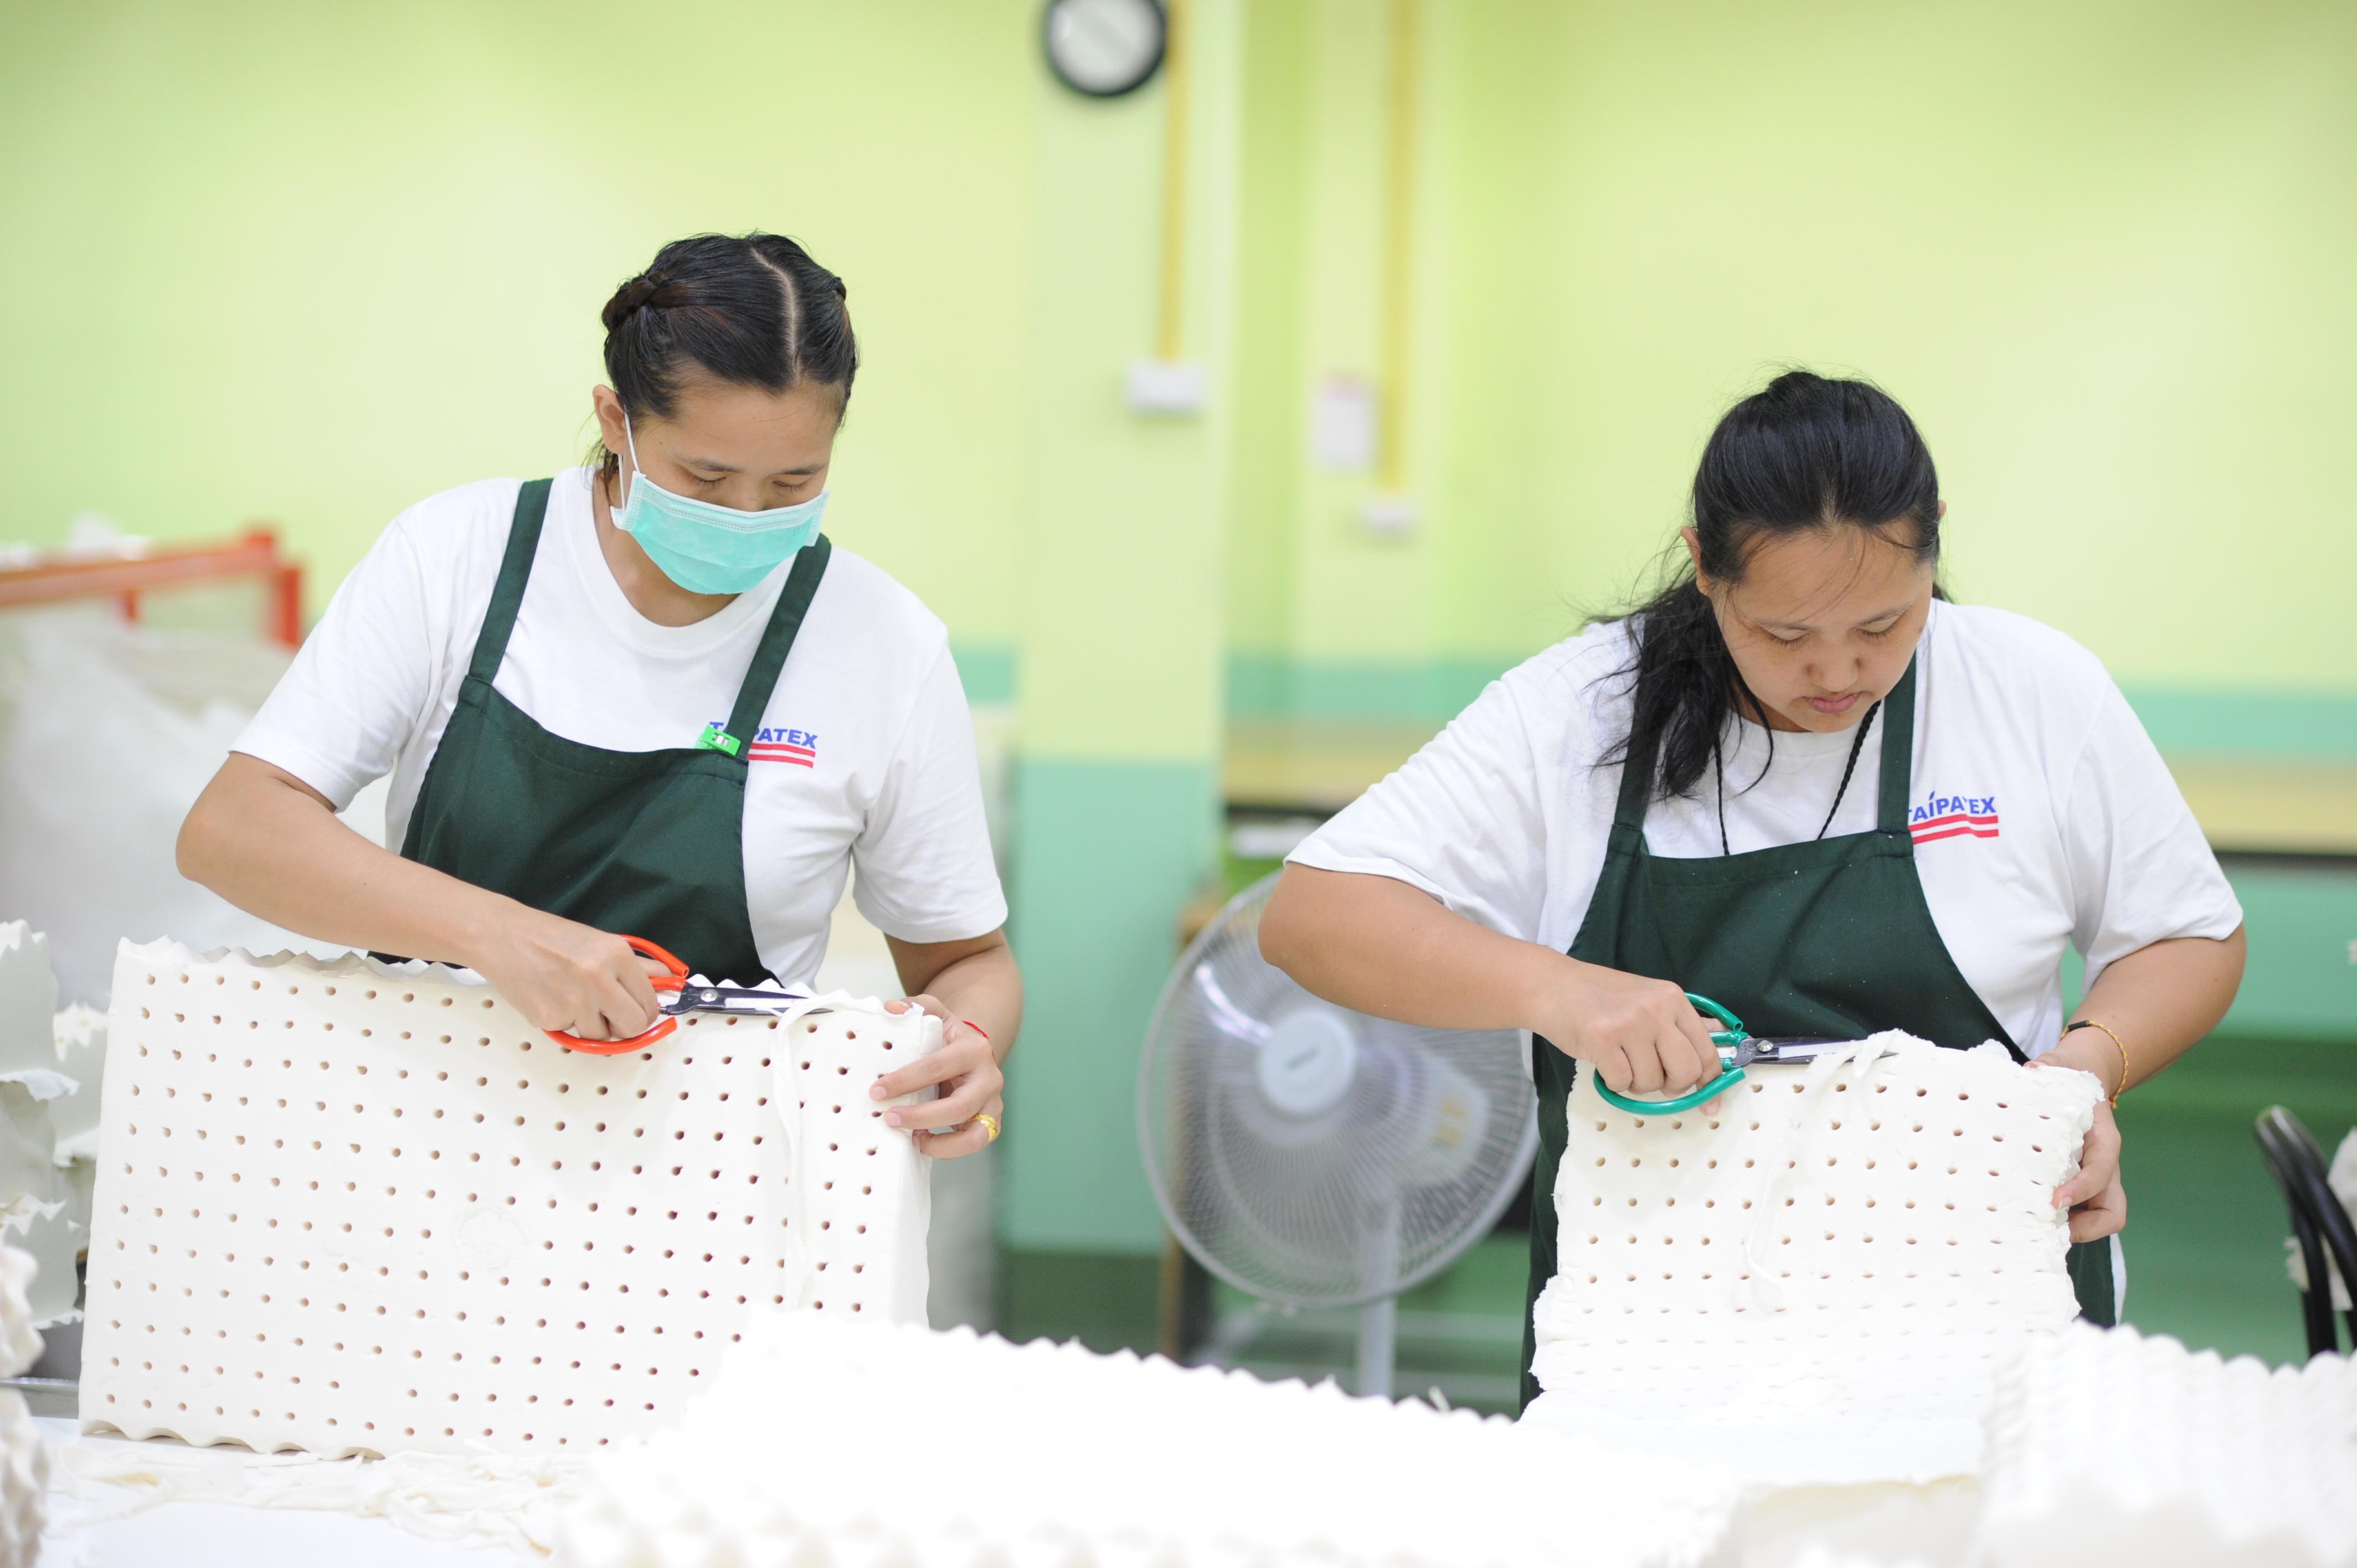 扩大采购,硬核补贴,考拉海购助力泰国商家最高超日销100倍